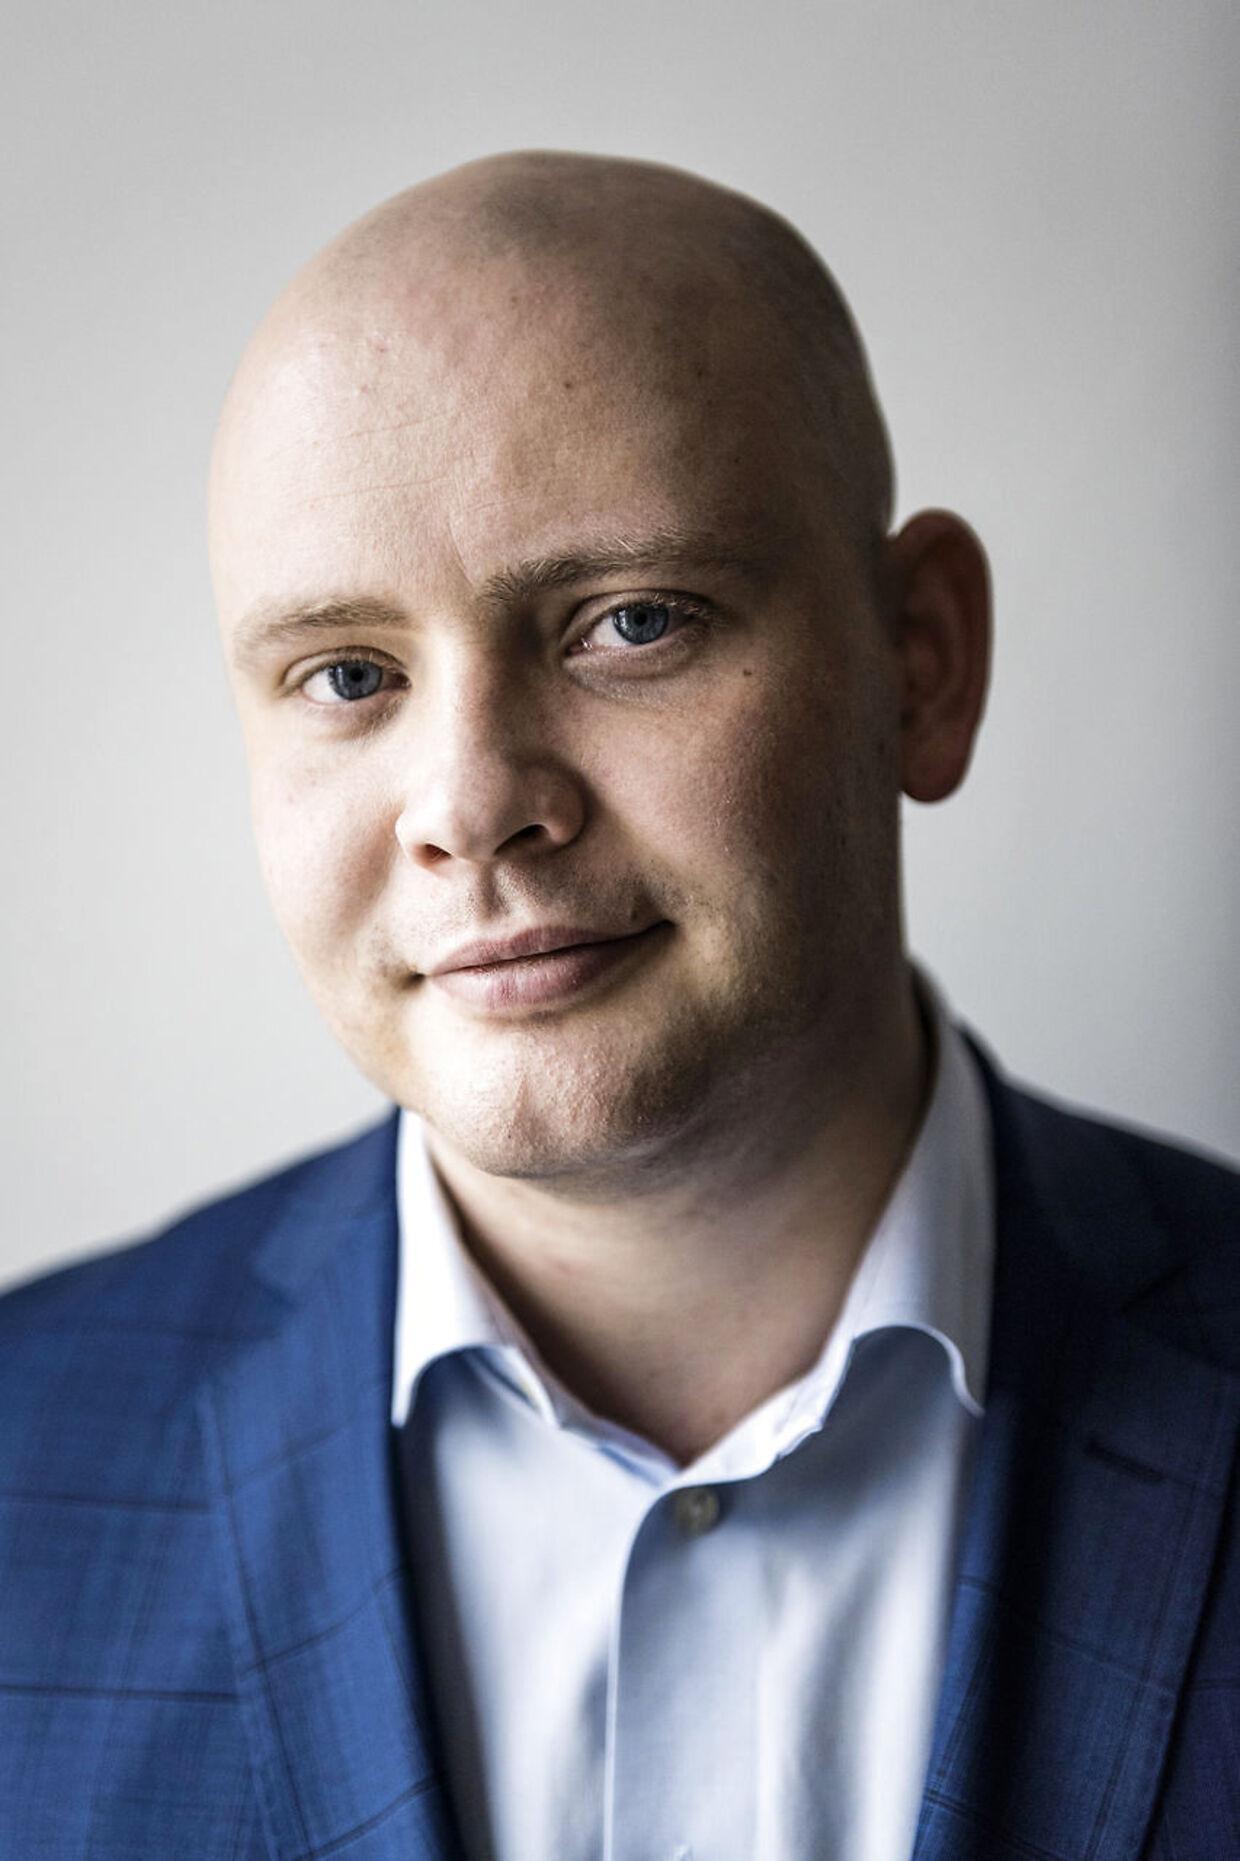 (ARKIV) 20161012 af Jakob Engel-Schmidt fra Venstre. Jeg lægger mig fladt ned, siger Jakob Engel-Schmidt, der i juli blev taget for at køre bil med narko i blodet. Det skriver Ritzau, onsdag den 7. februar 2018.. (Foto: Thomas Lekfeldt/Scanpix 2018)